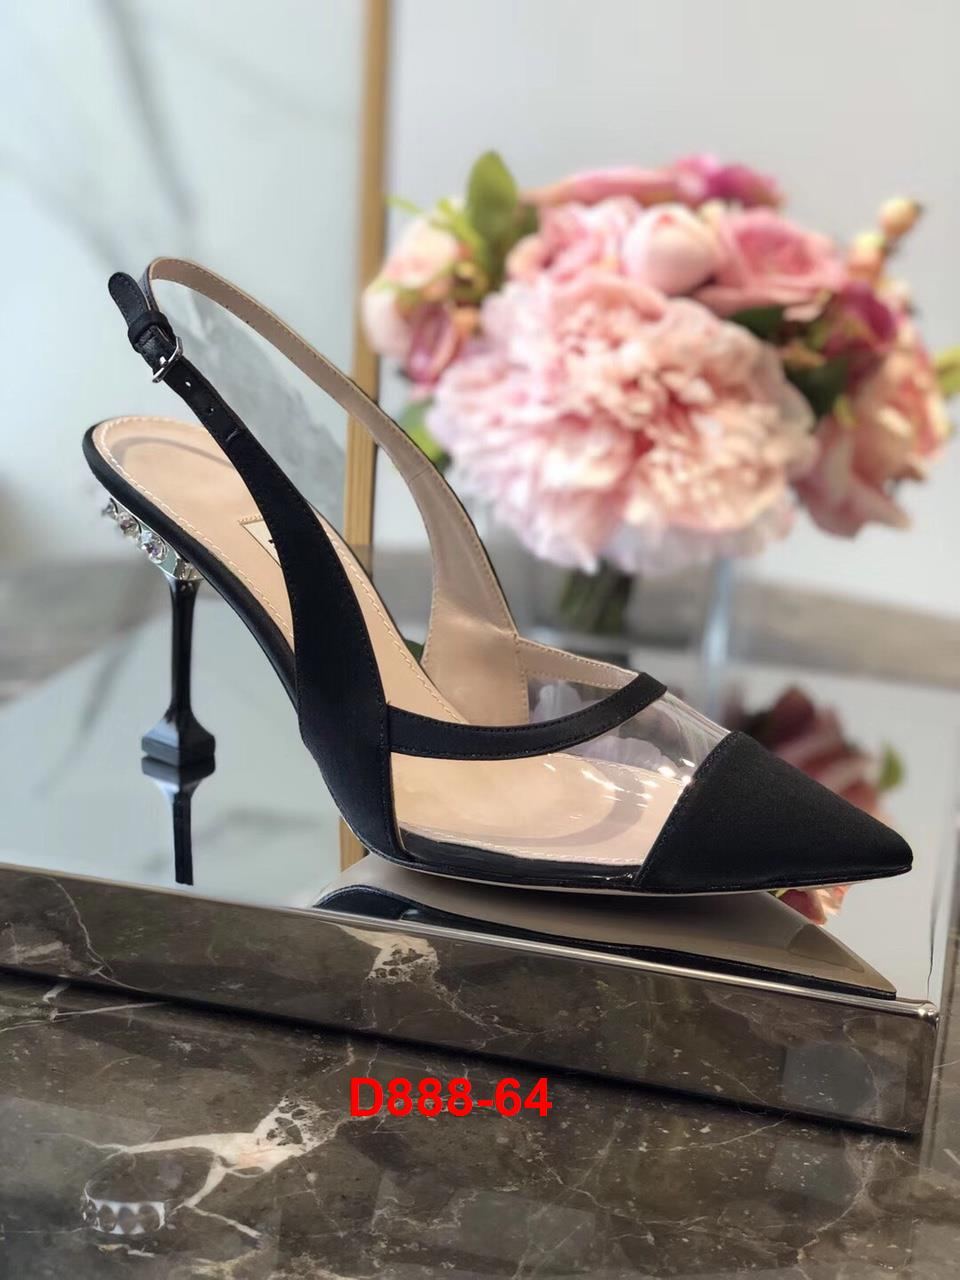 D888-64 Miu Miu sandal cao 9cm siêu cấp